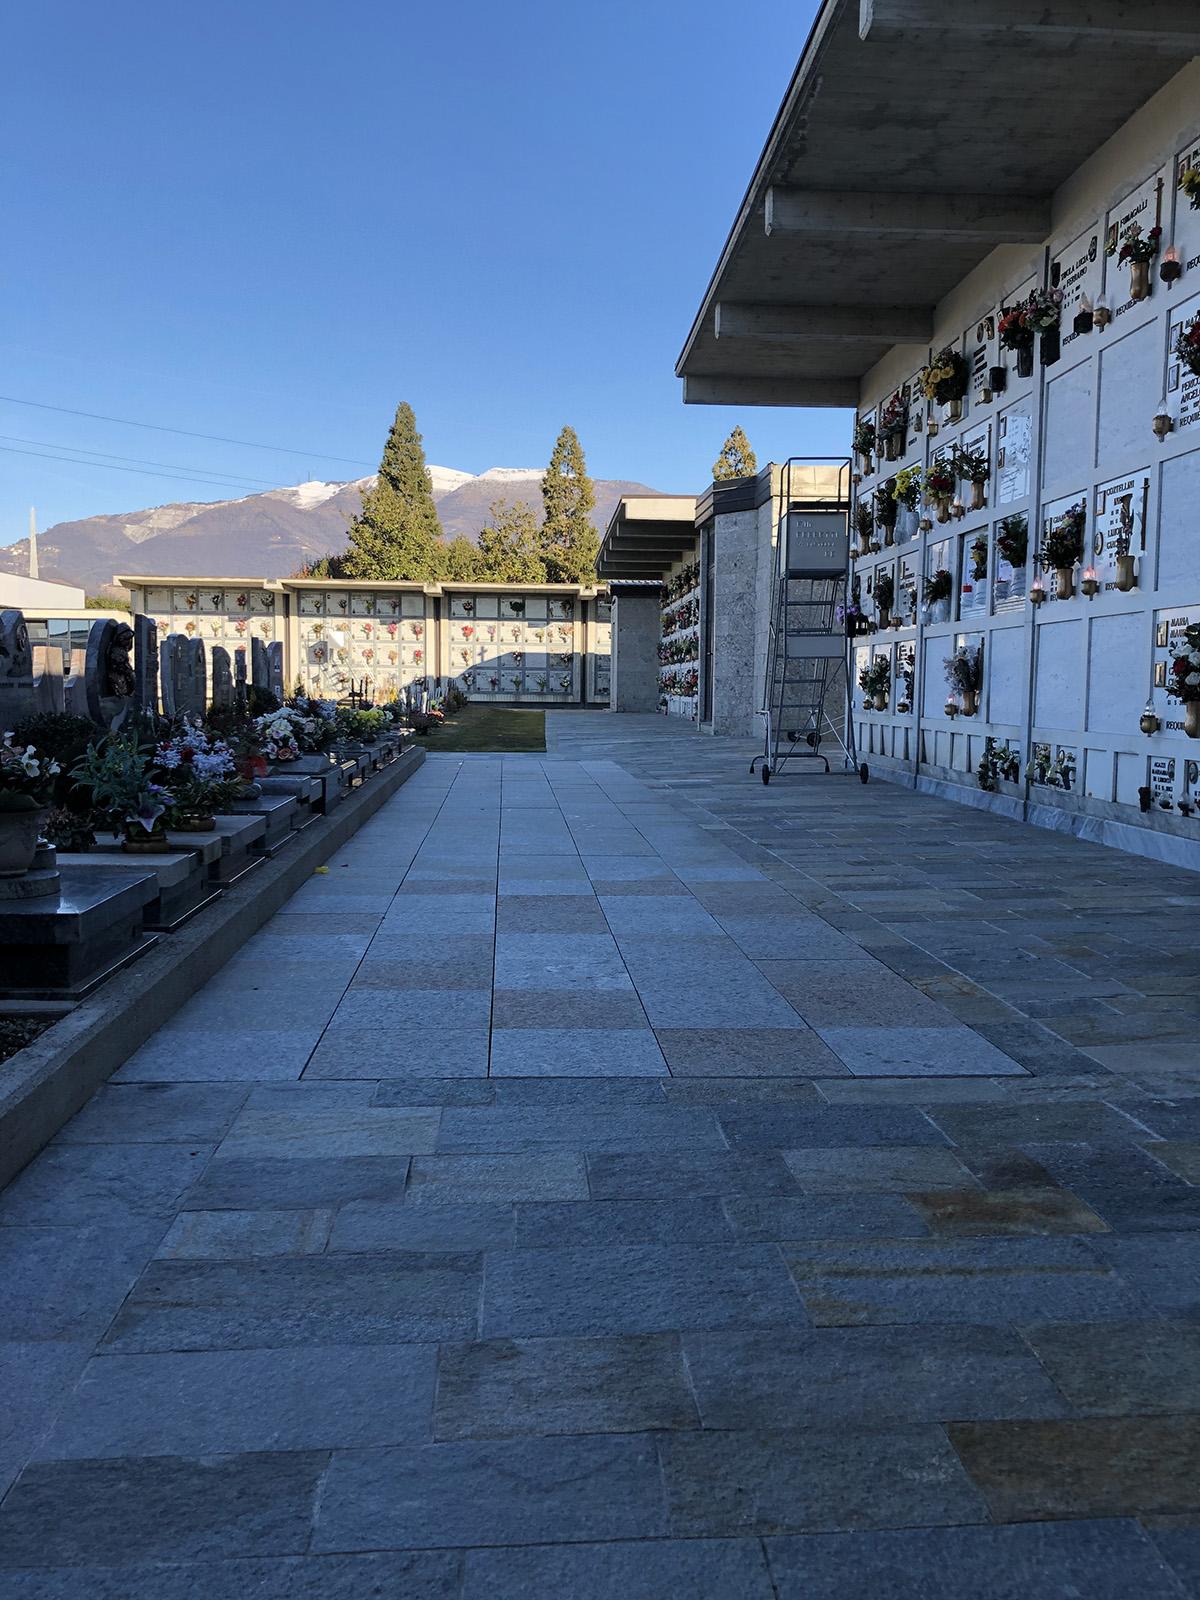 Perico-Renato-Ambivere (BG) - Cimitero comunale - Ristrutturazione 12